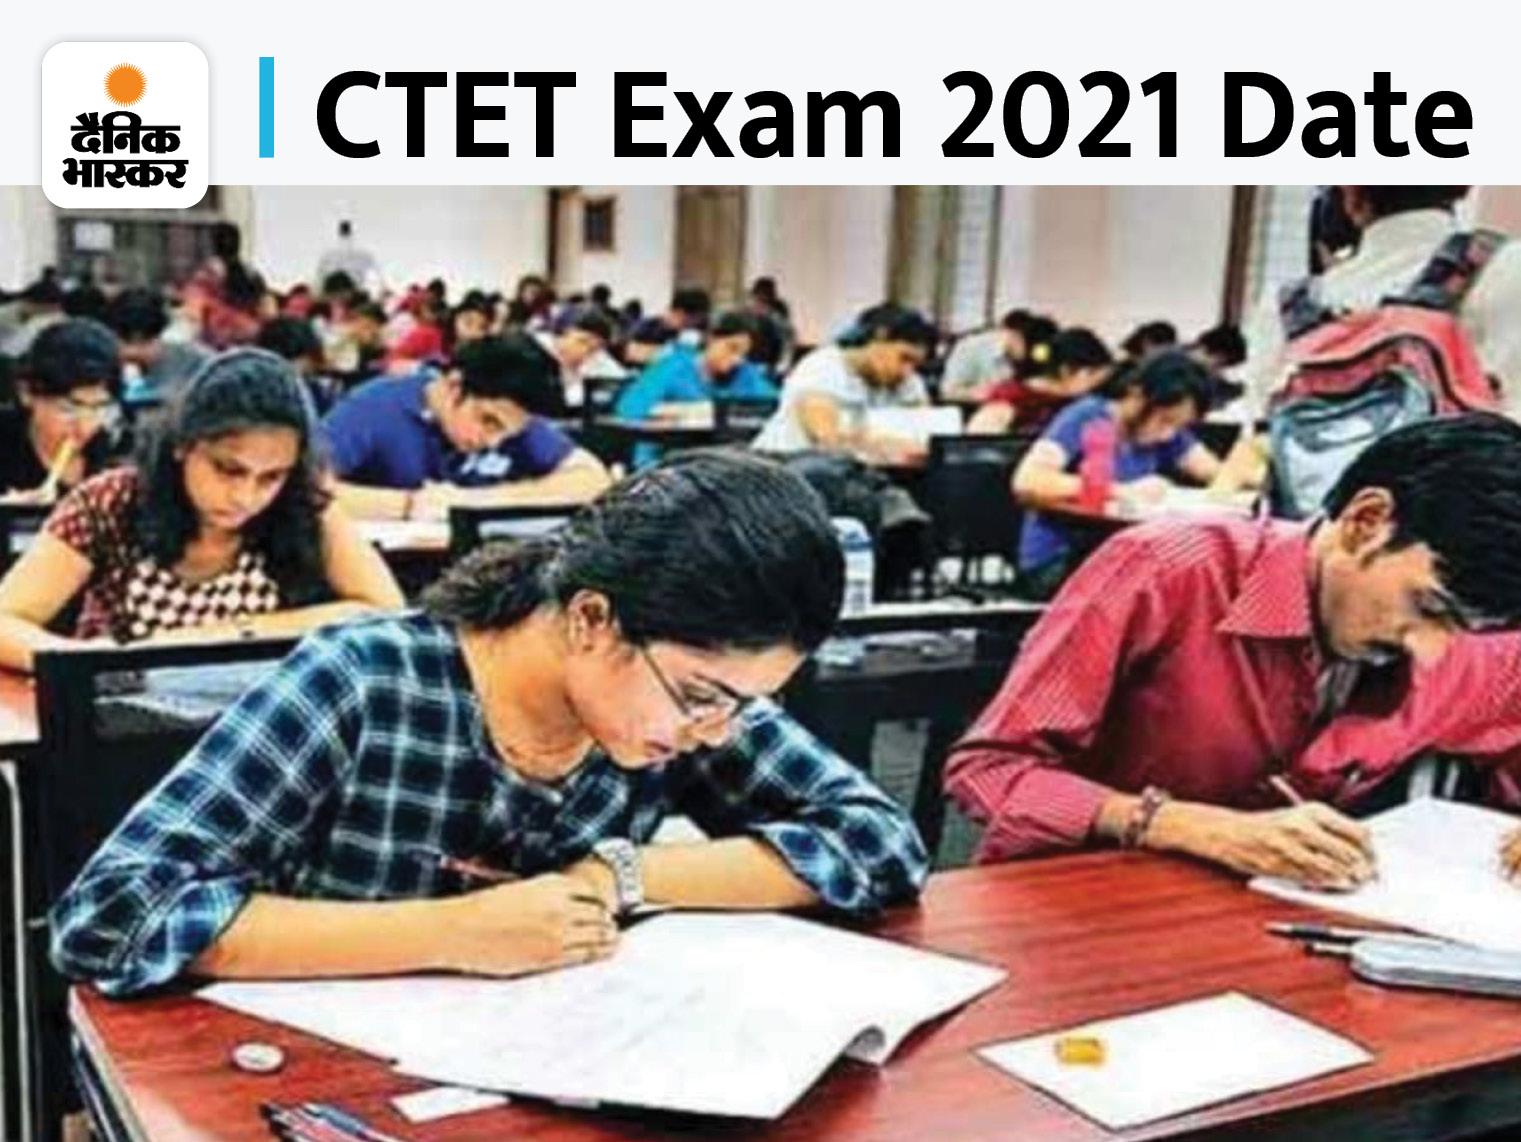 CBSE ने जारी की एग्जाम डेट, पूरे देश में 20 भाषाओं में आयोजित की जाएगी परीक्षा, आवेदन के लिए इन 5 स्टेप्स को फॉलो करें|करिअर,Career - Dainik Bhaskar